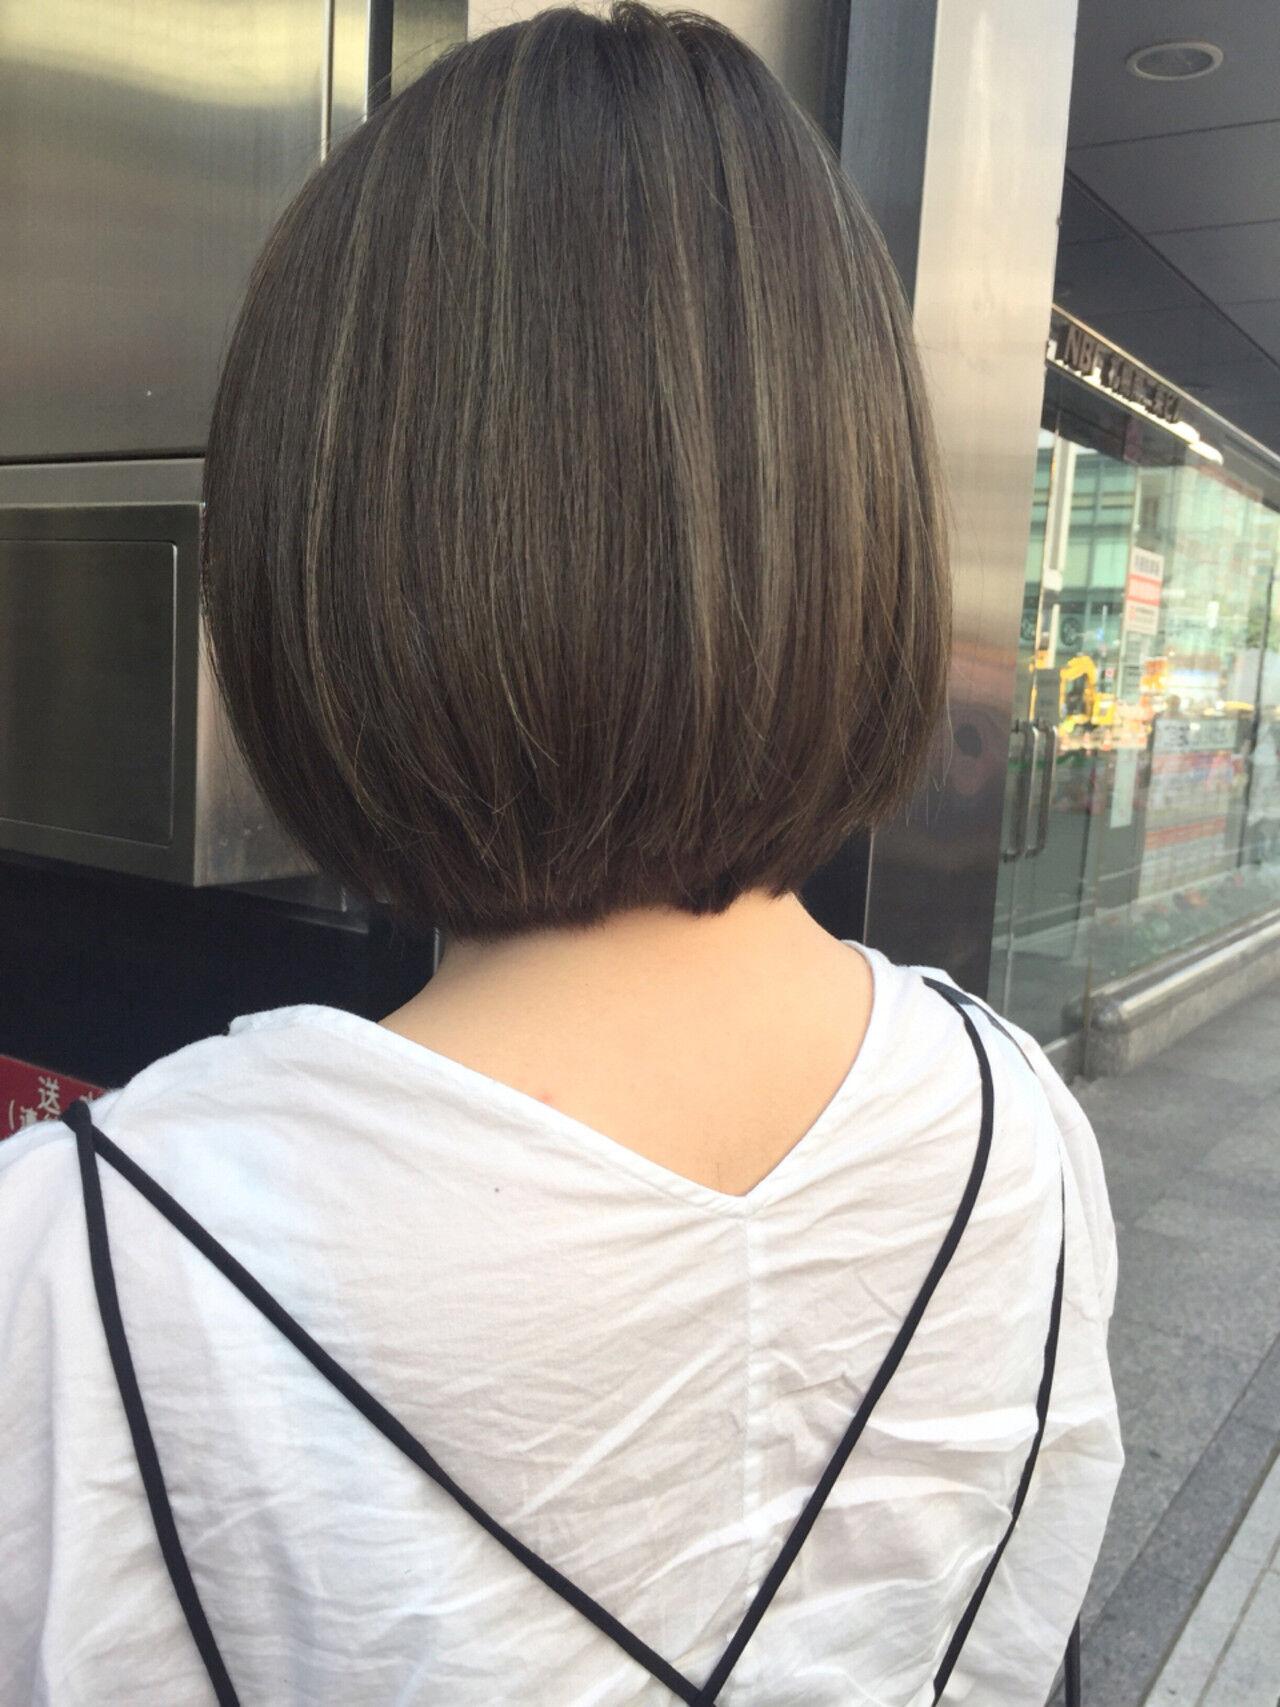 アッシュ グレージュ ナチュラル ハイライトヘアスタイルや髪型の写真・画像